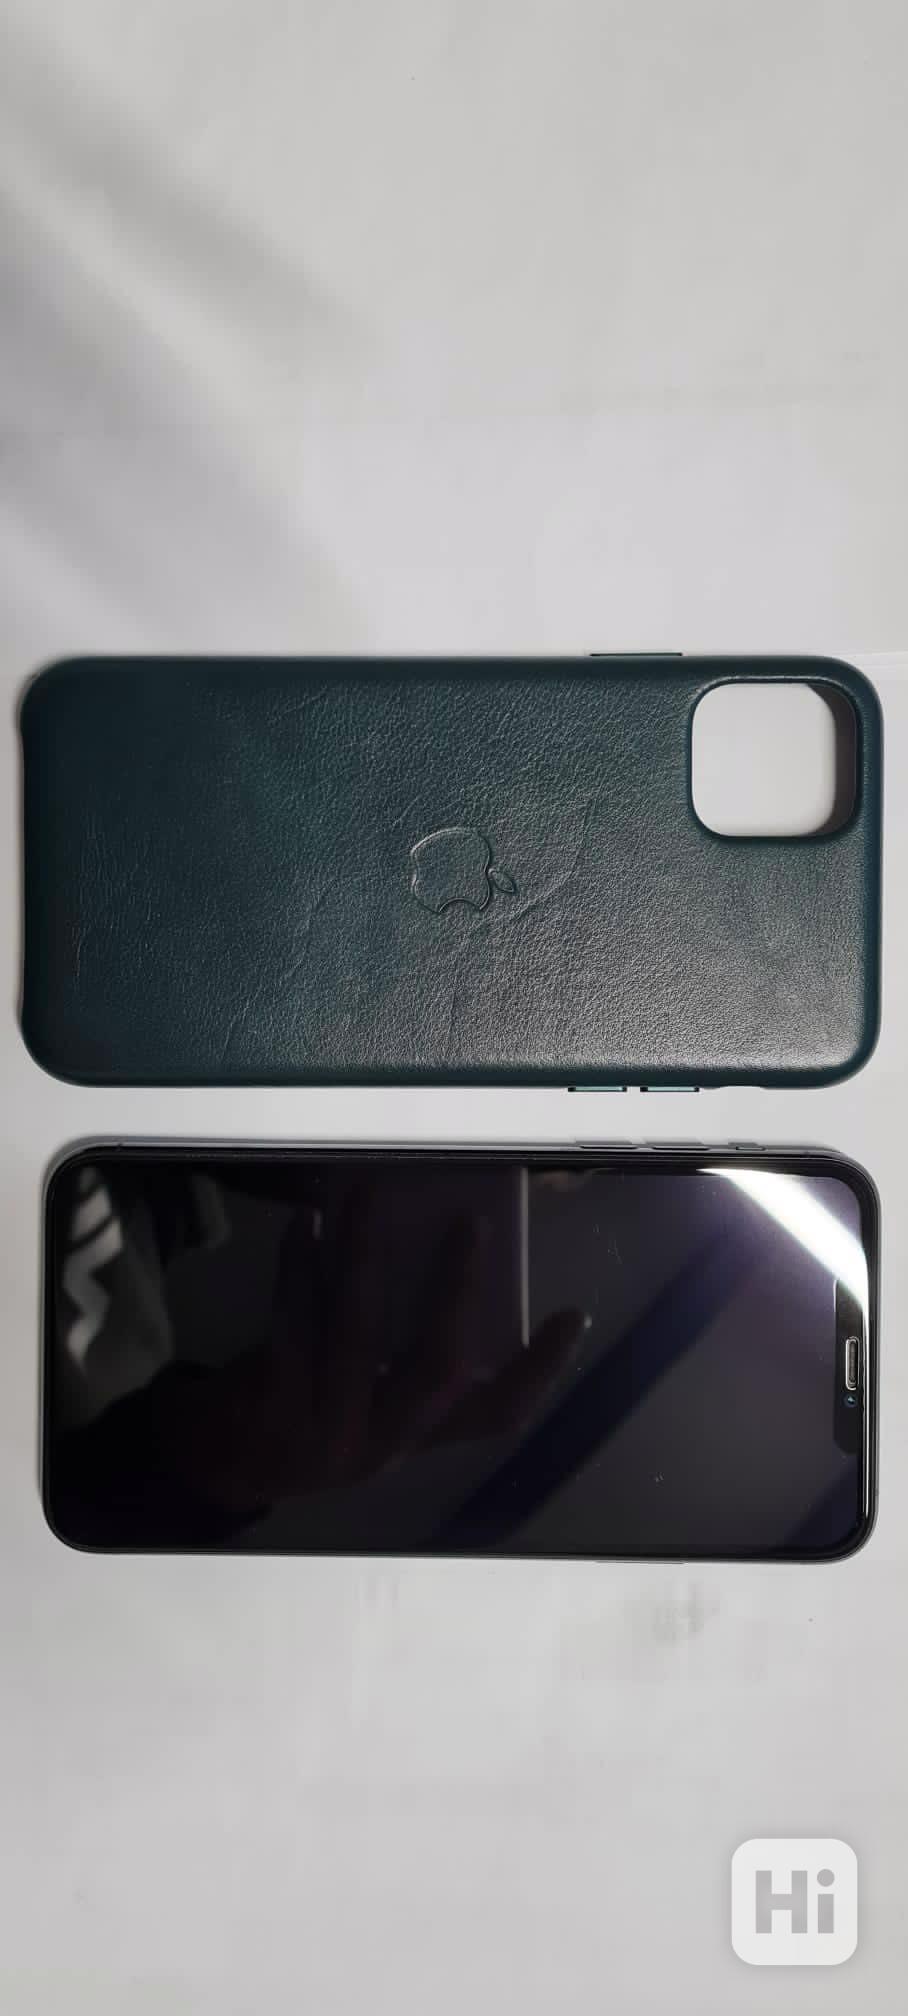 Apple iPhone 11 Pro Max 64GB půlnočně zelený - foto 1